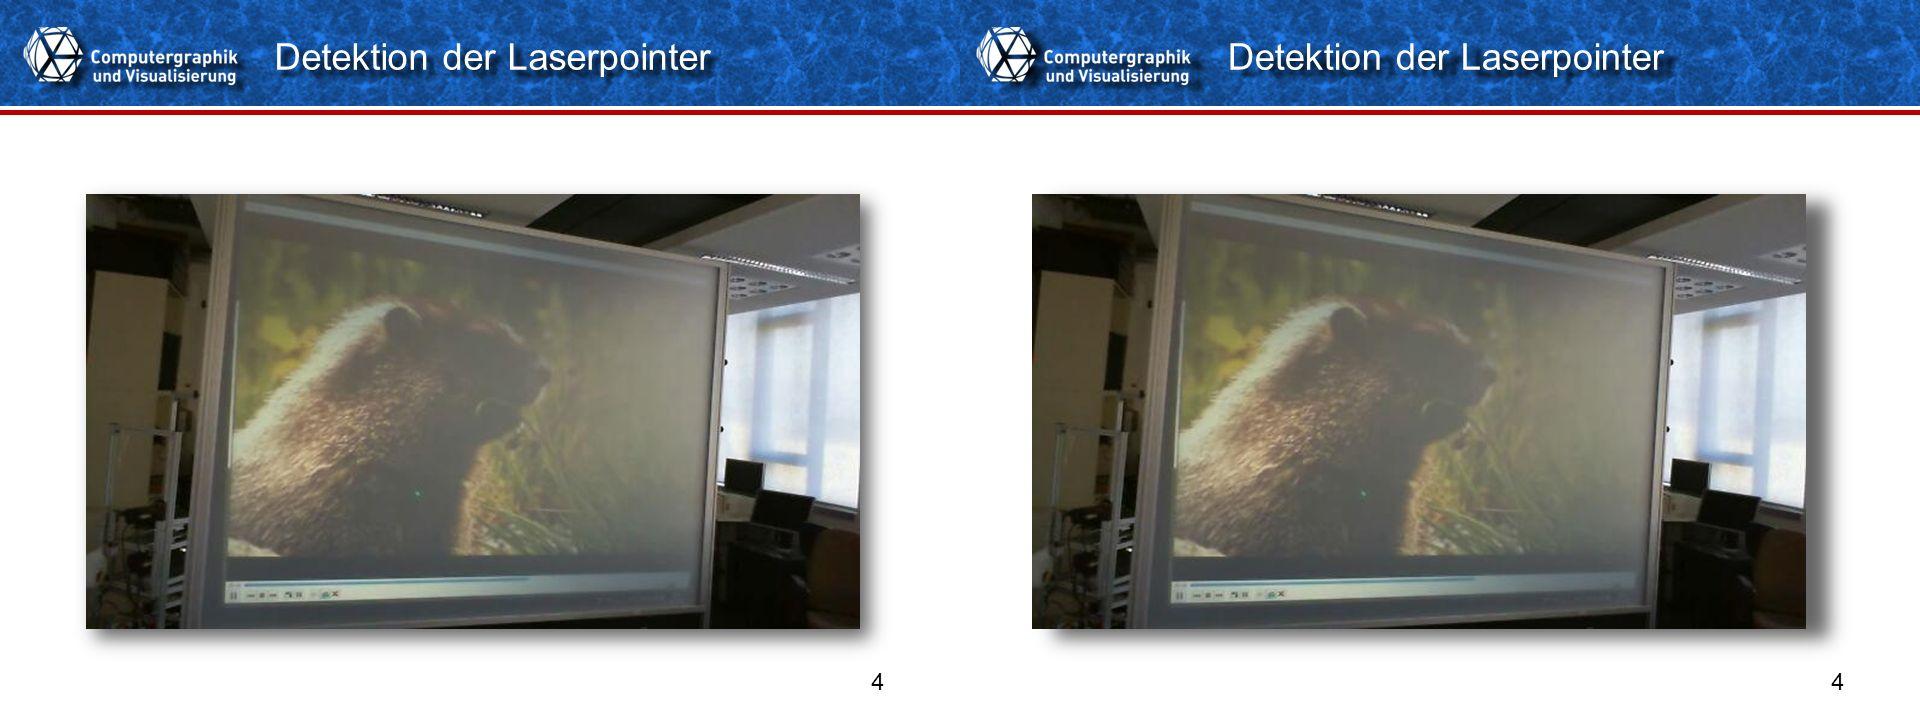 Detektion der Laserpointer